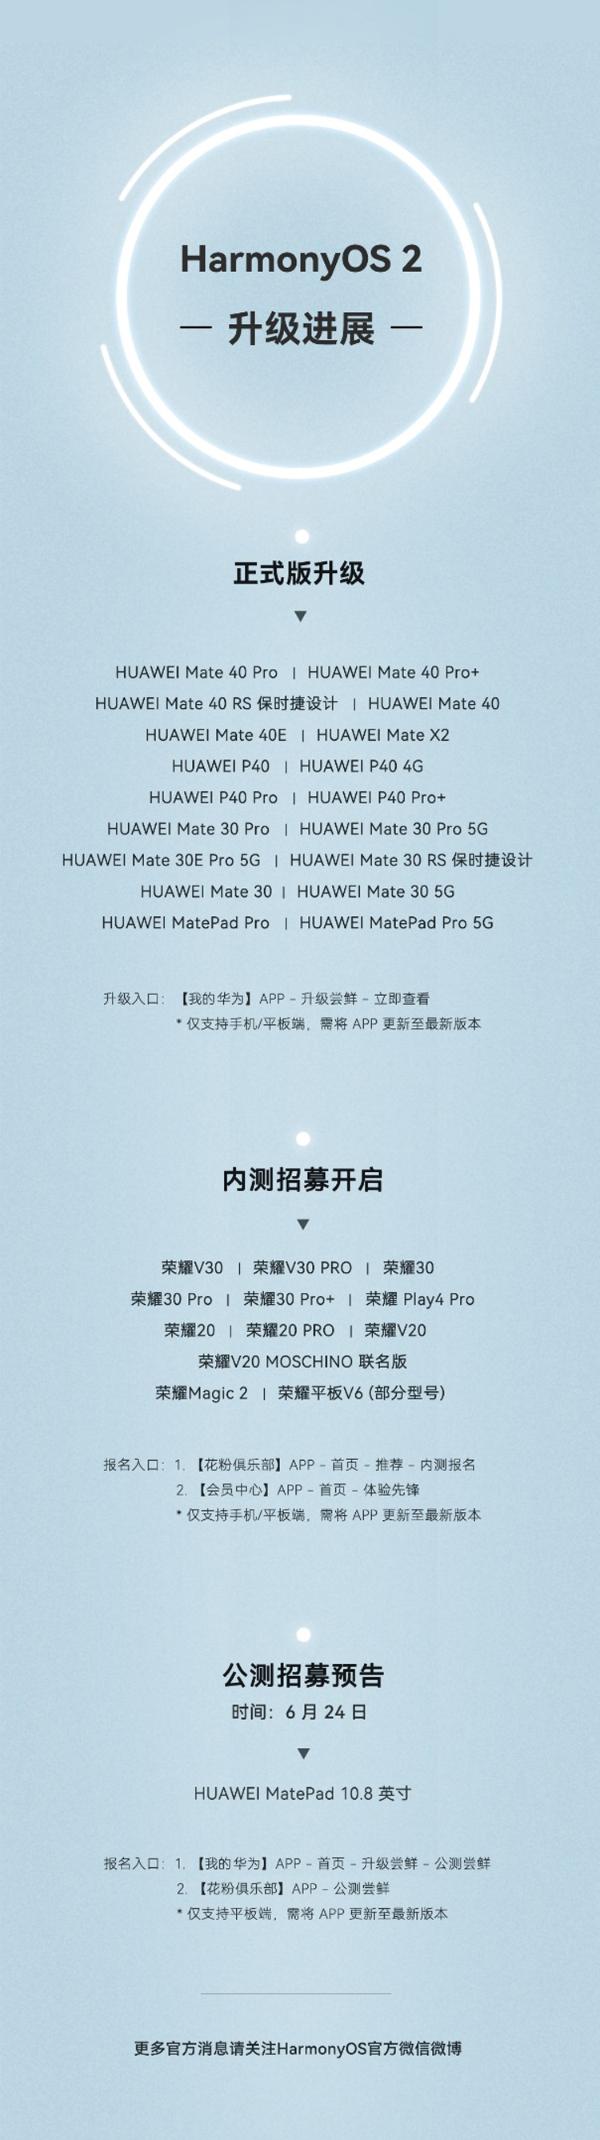 华为开放HarmonyOS 2正式版申请,Mate40系列等18款机型率先升级